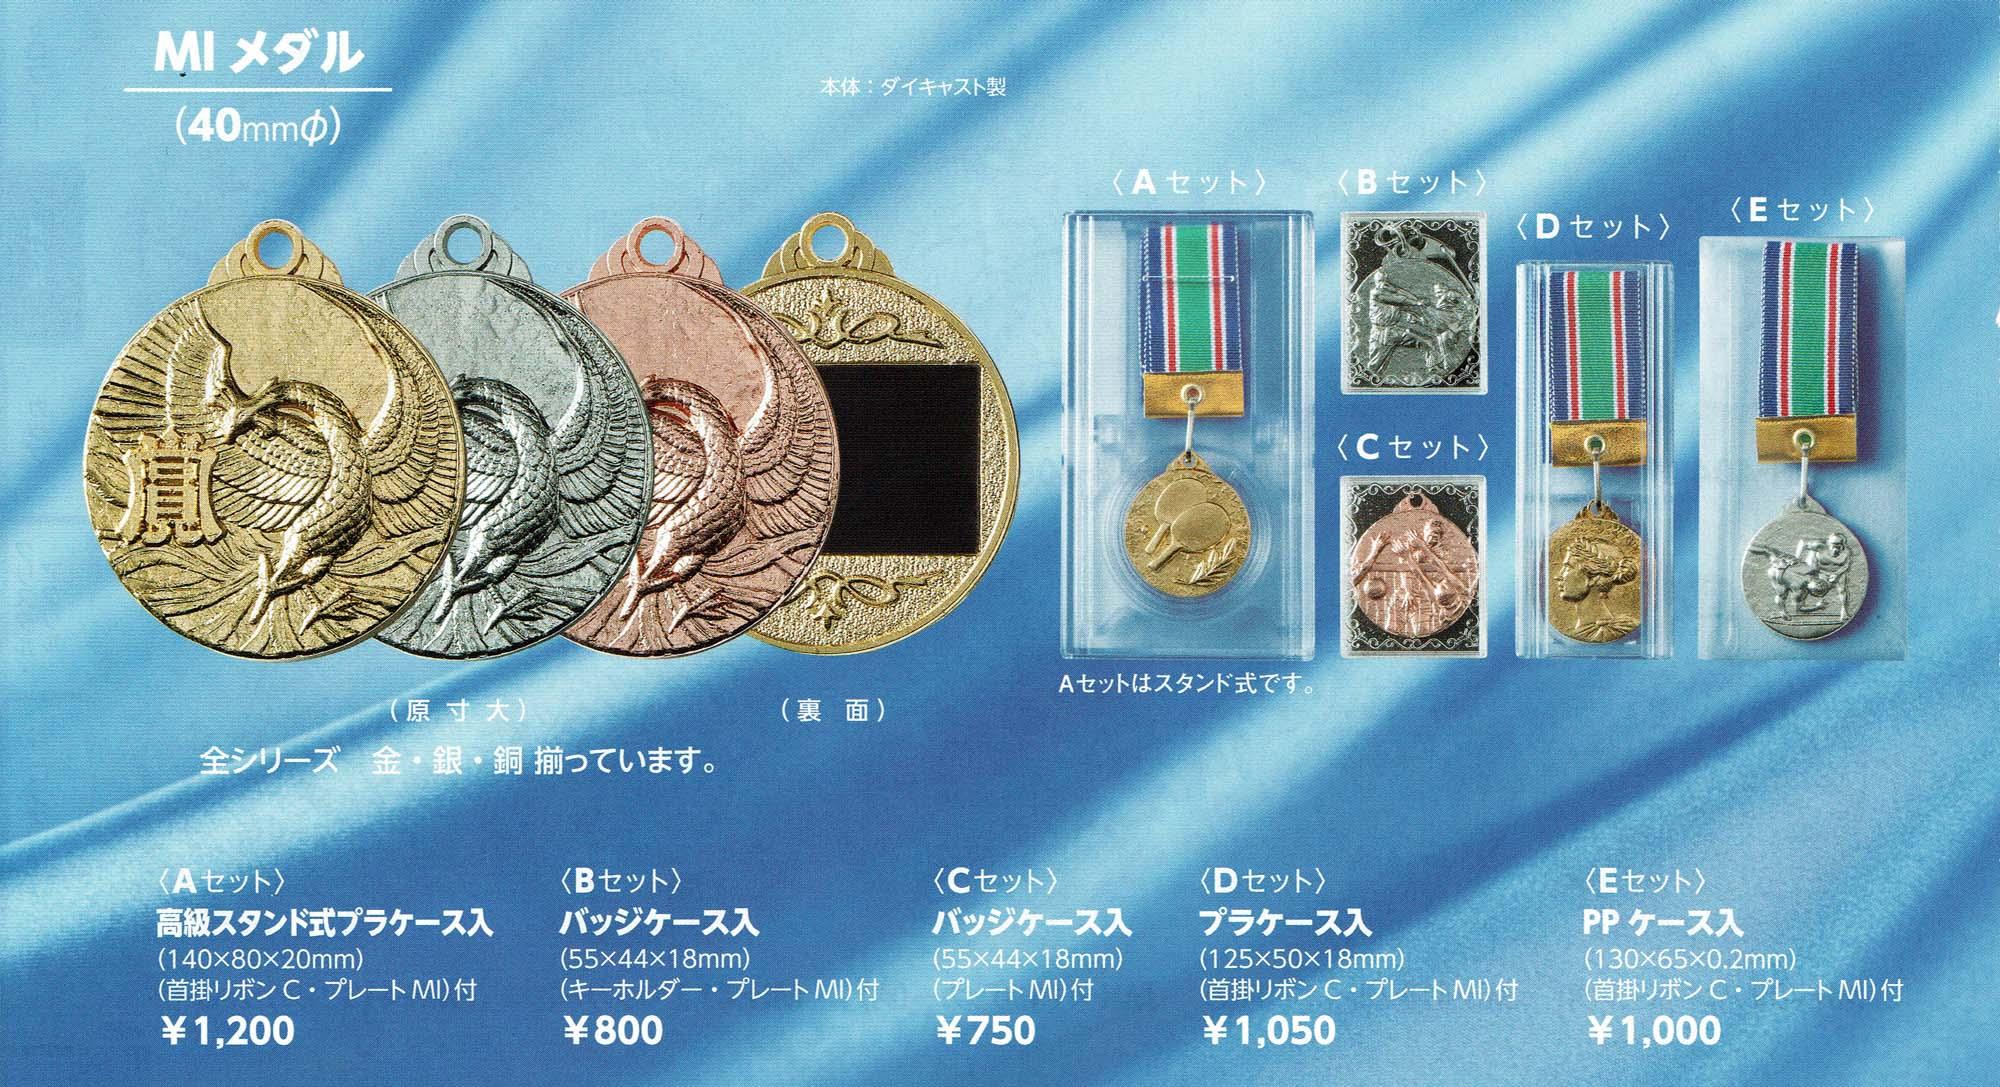 MIメダル